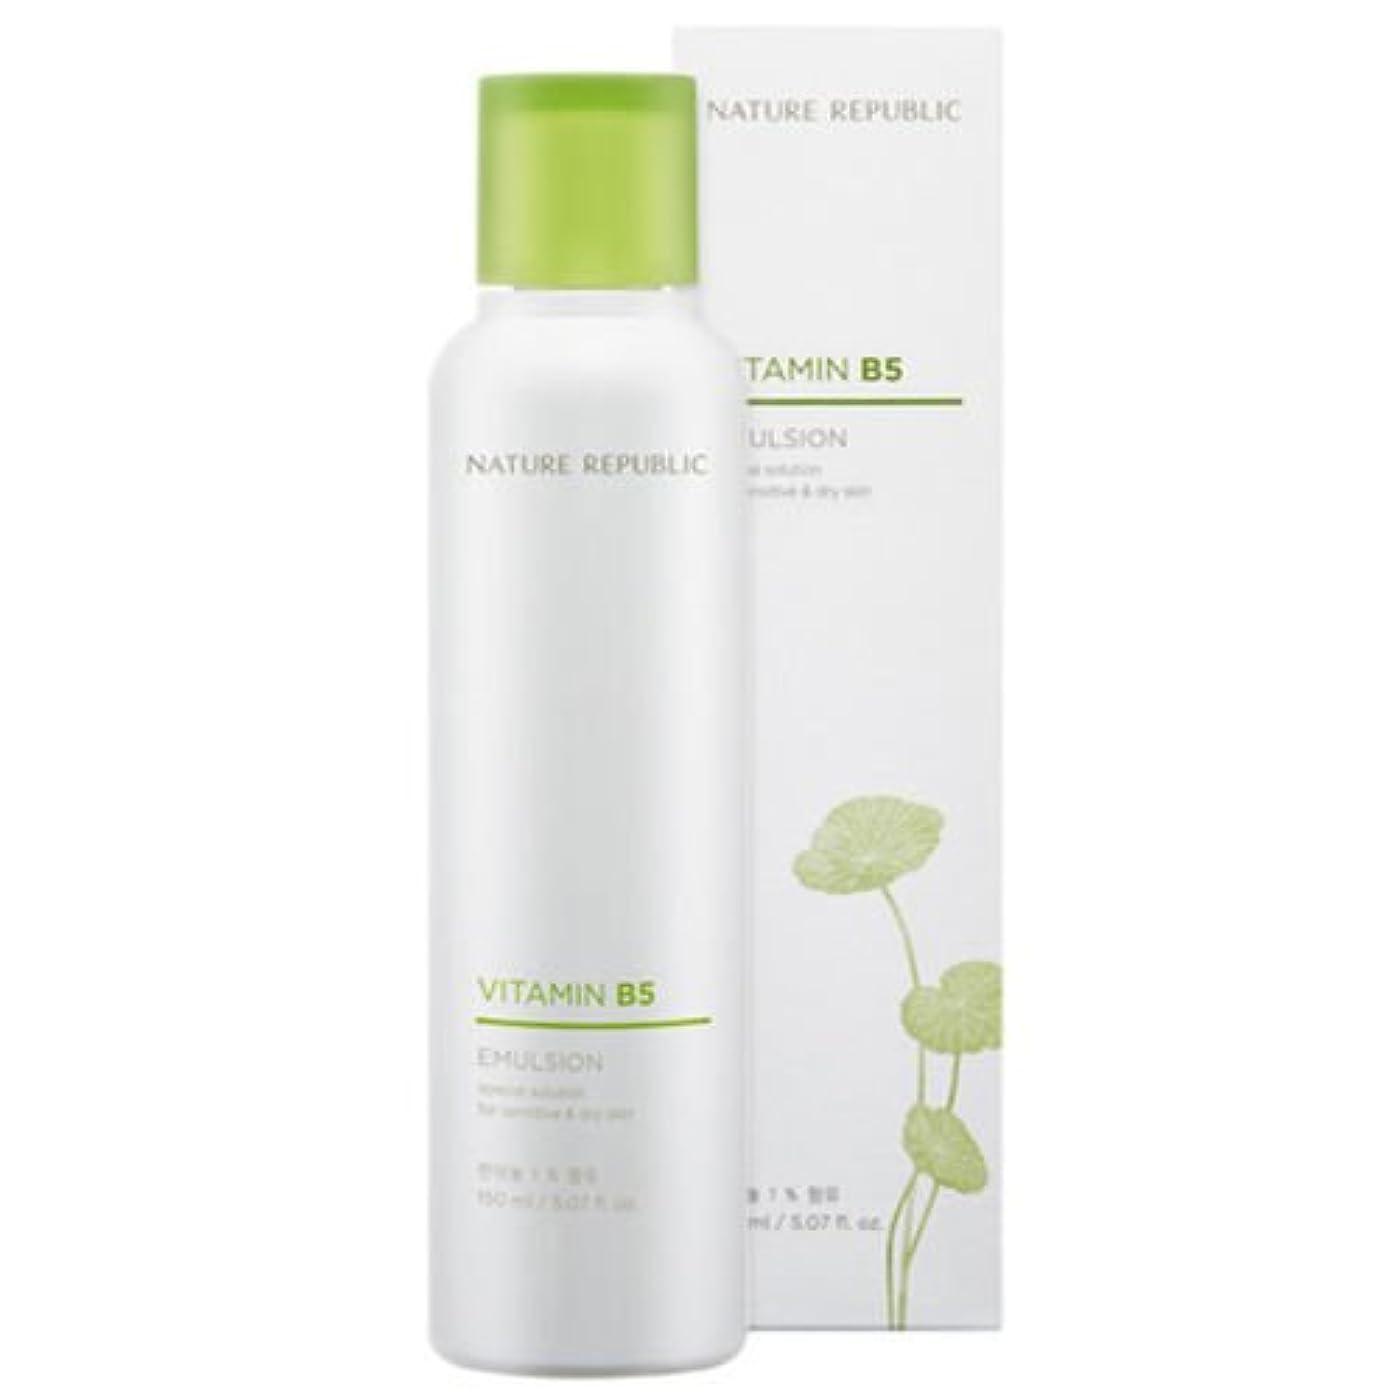 葉っぱヒロイックロゴNATURE REPUBLIC Vitamin B5 Series [並行輸入品] (Emulsion)